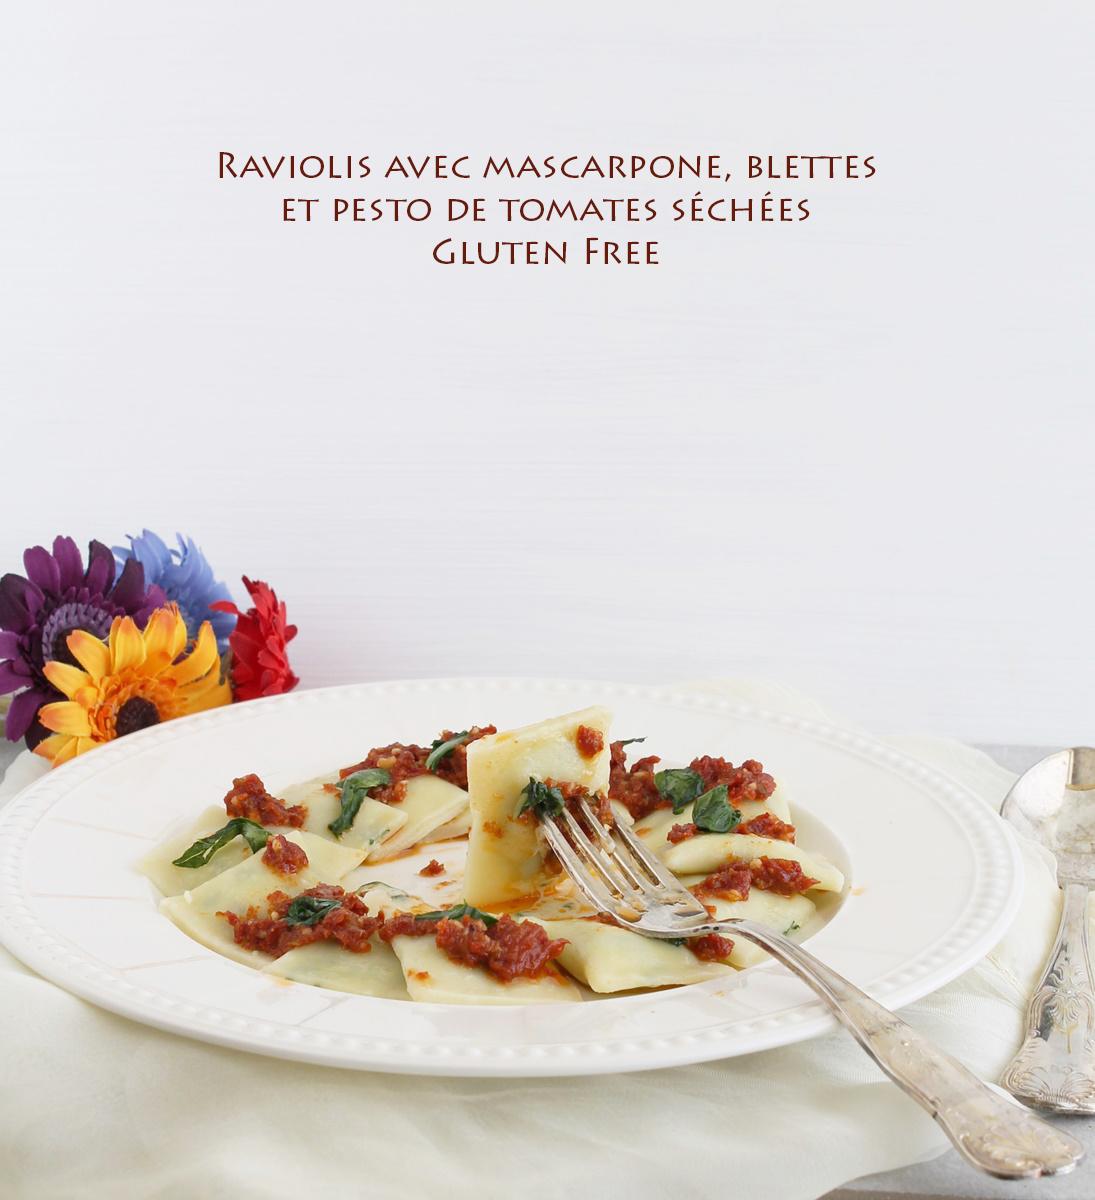 Raviolis sans gluten, avec blettes, mascarpone et tomates séchées - La Cassata Celiaca